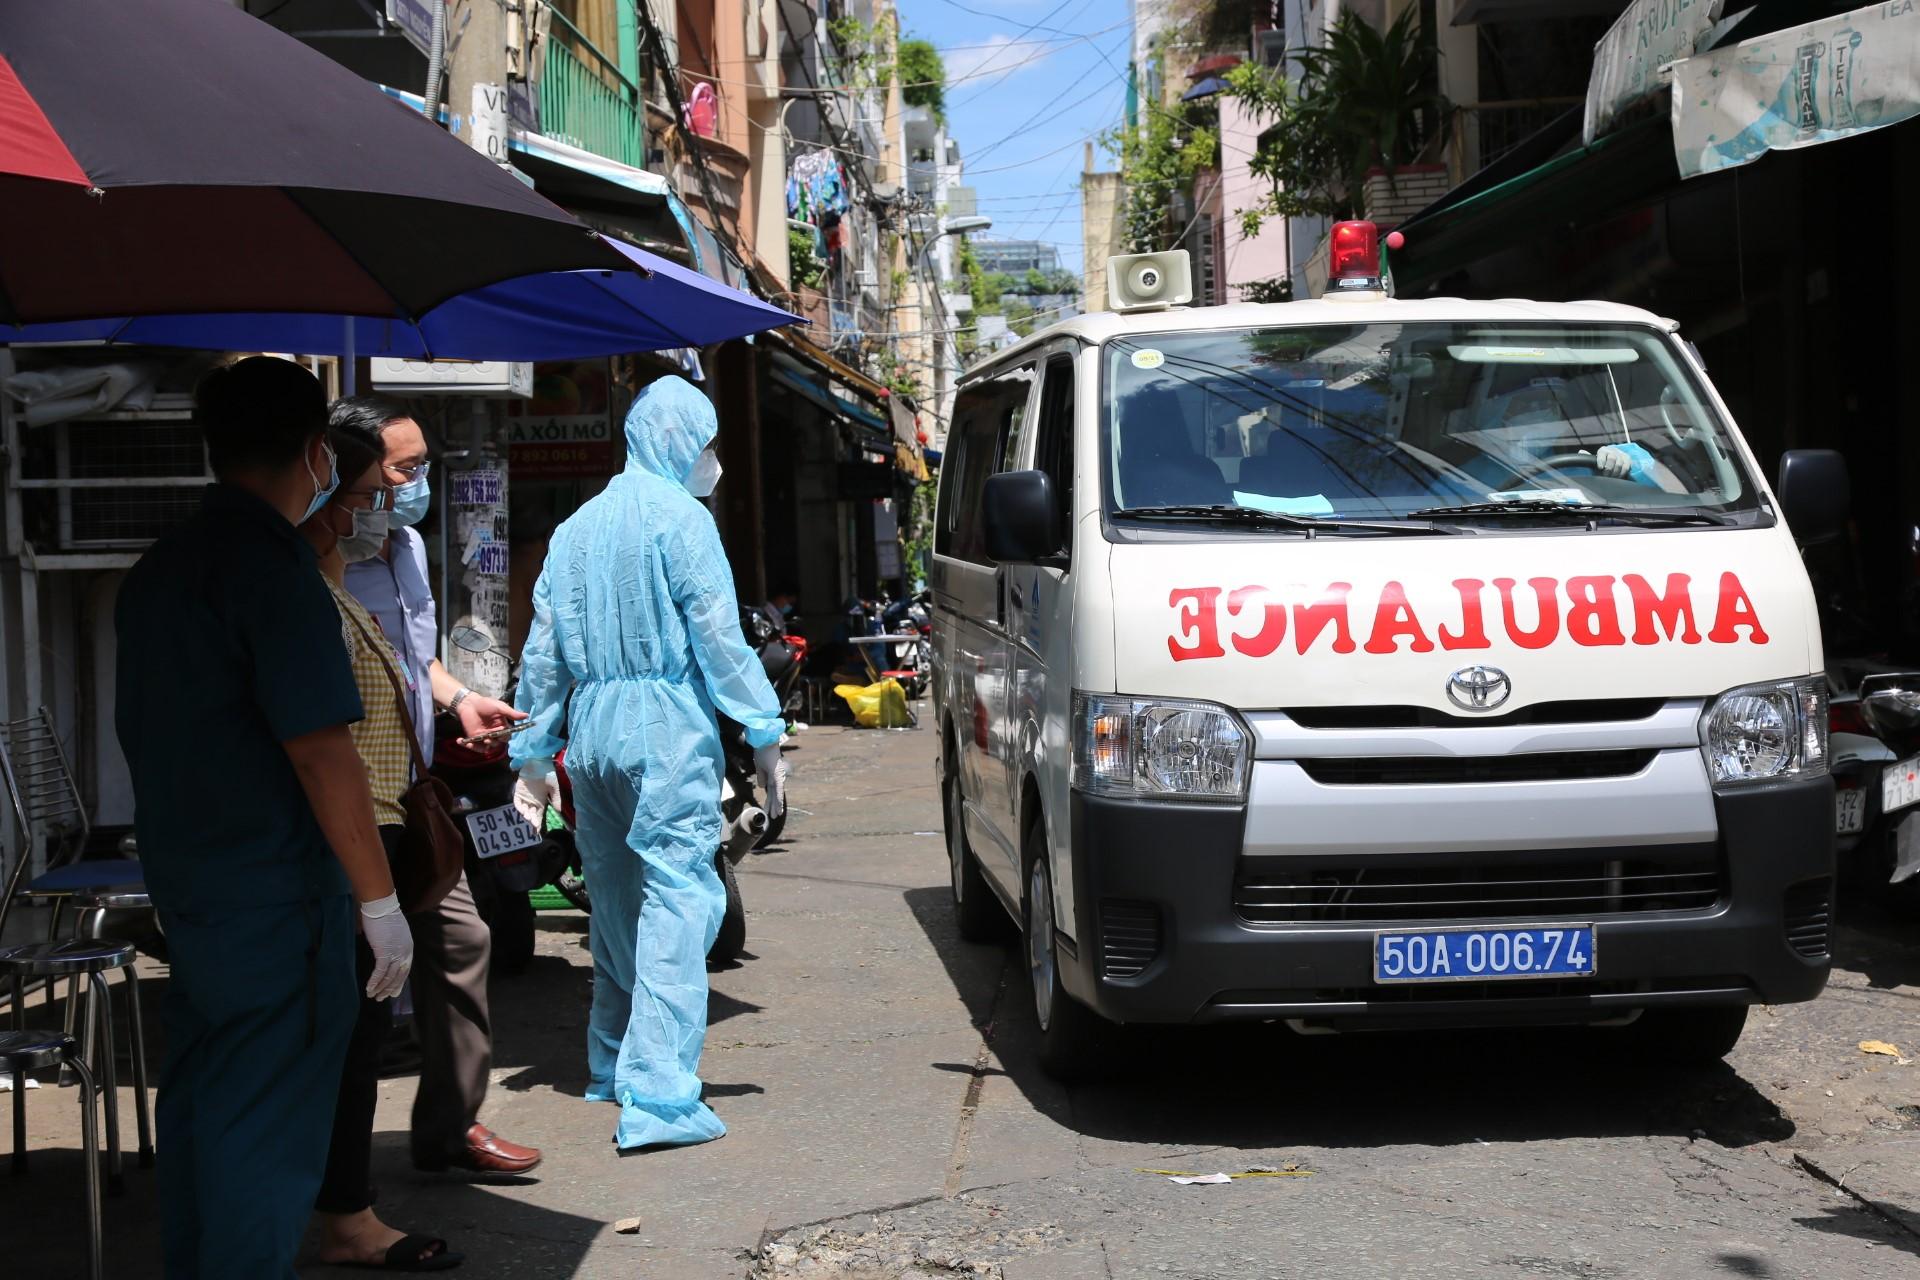 Xe cấp cứu được chuẩn bị trong lúc phong tỏa sàng lọc bệnh